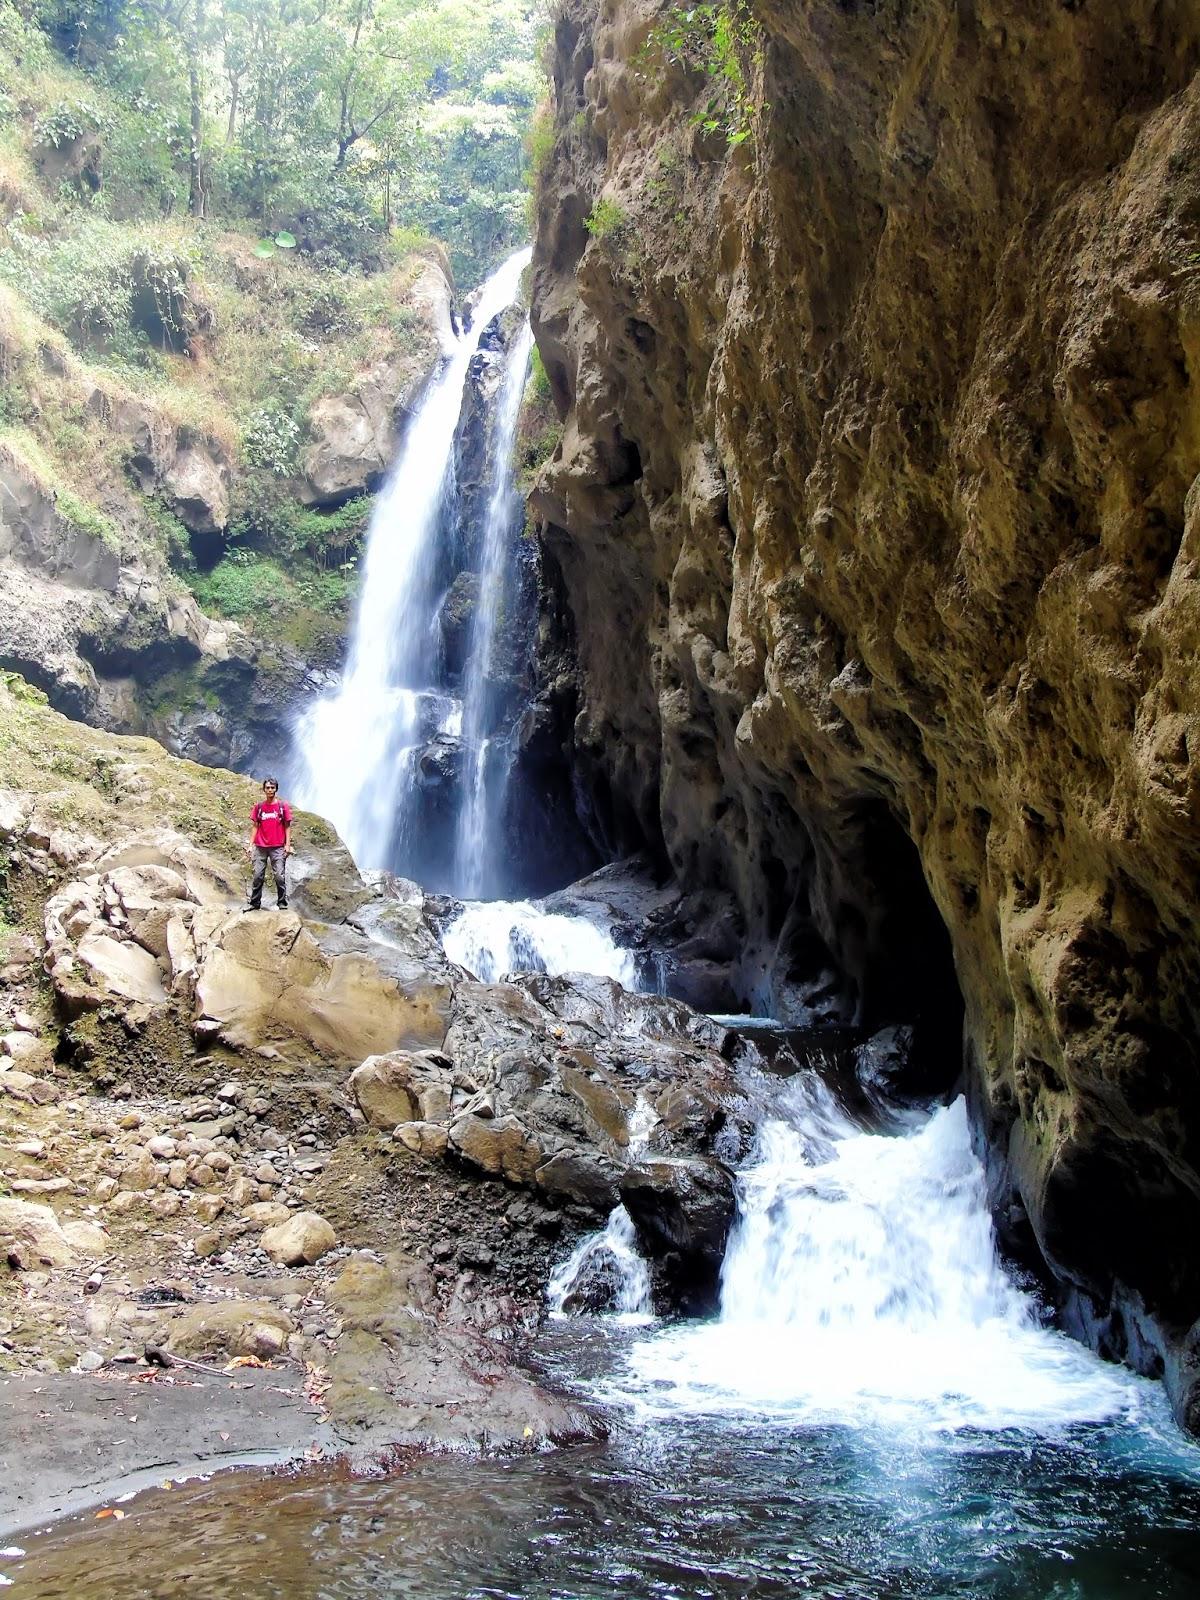 Trip Air Terjun Watu Lawang Ngepung Sukapura Probolinggo Taman Hutan